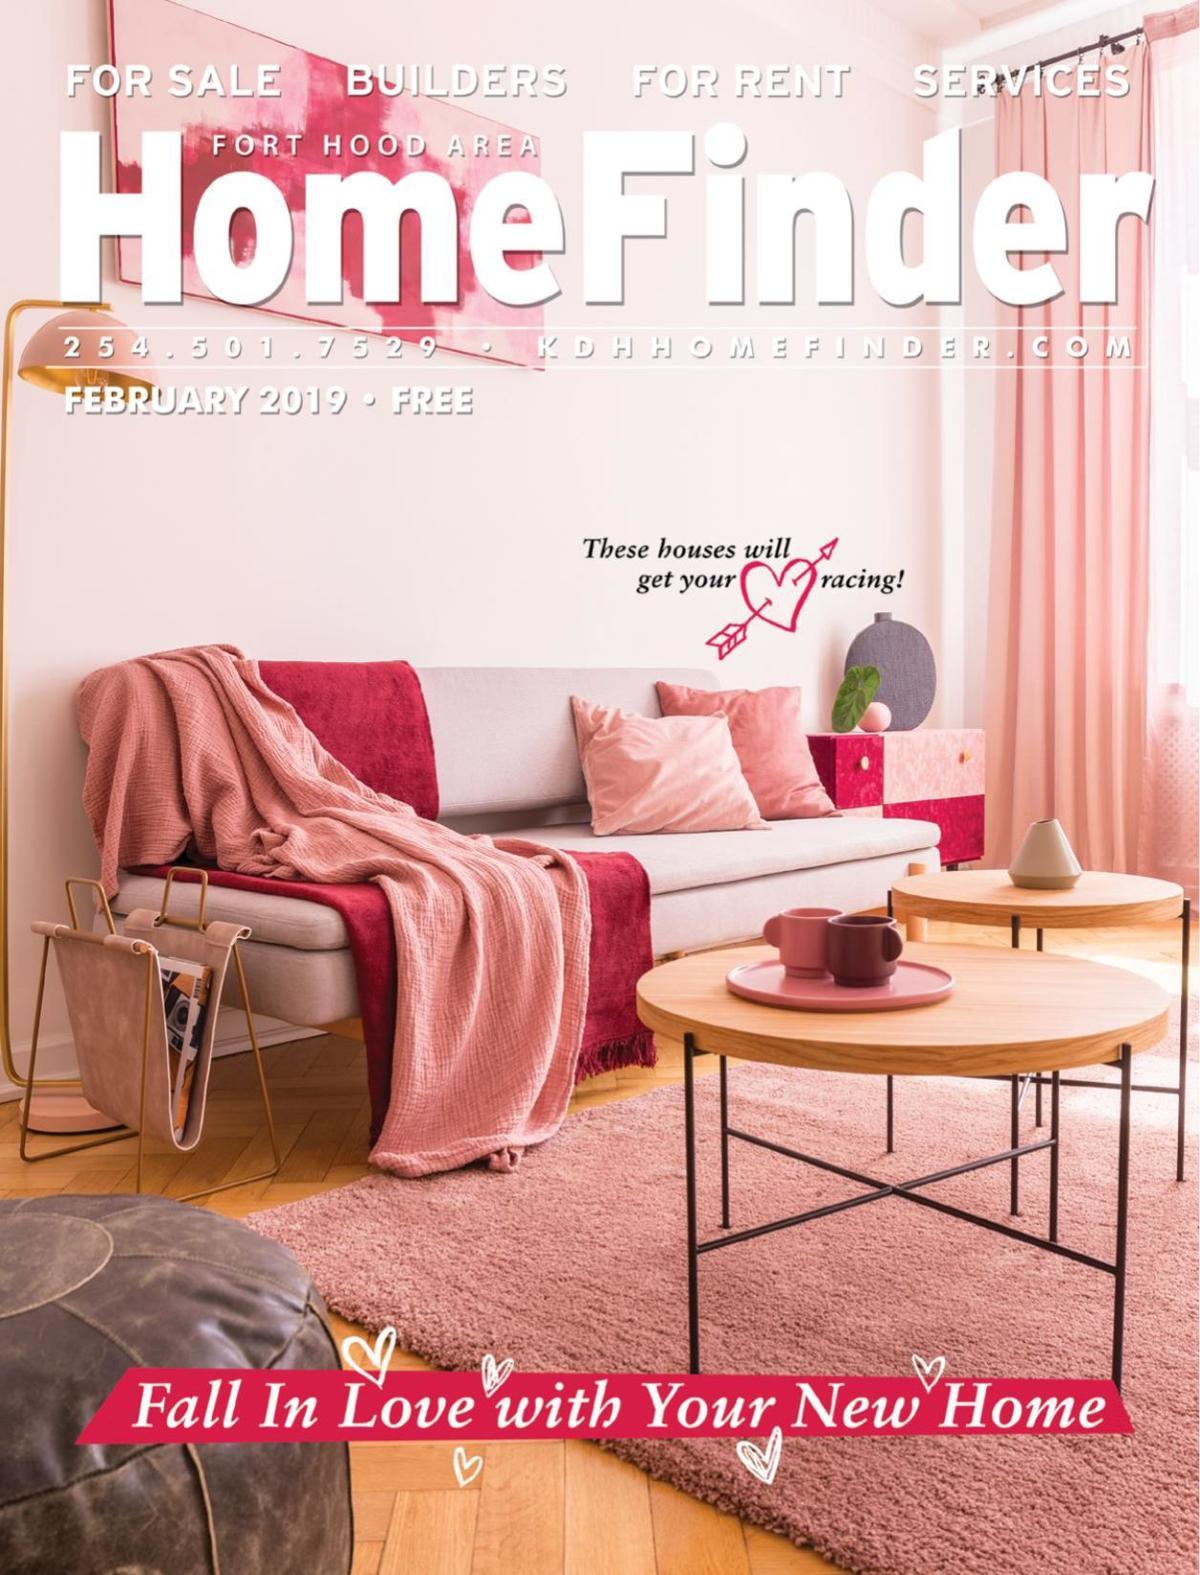 February 2019 Homefinder